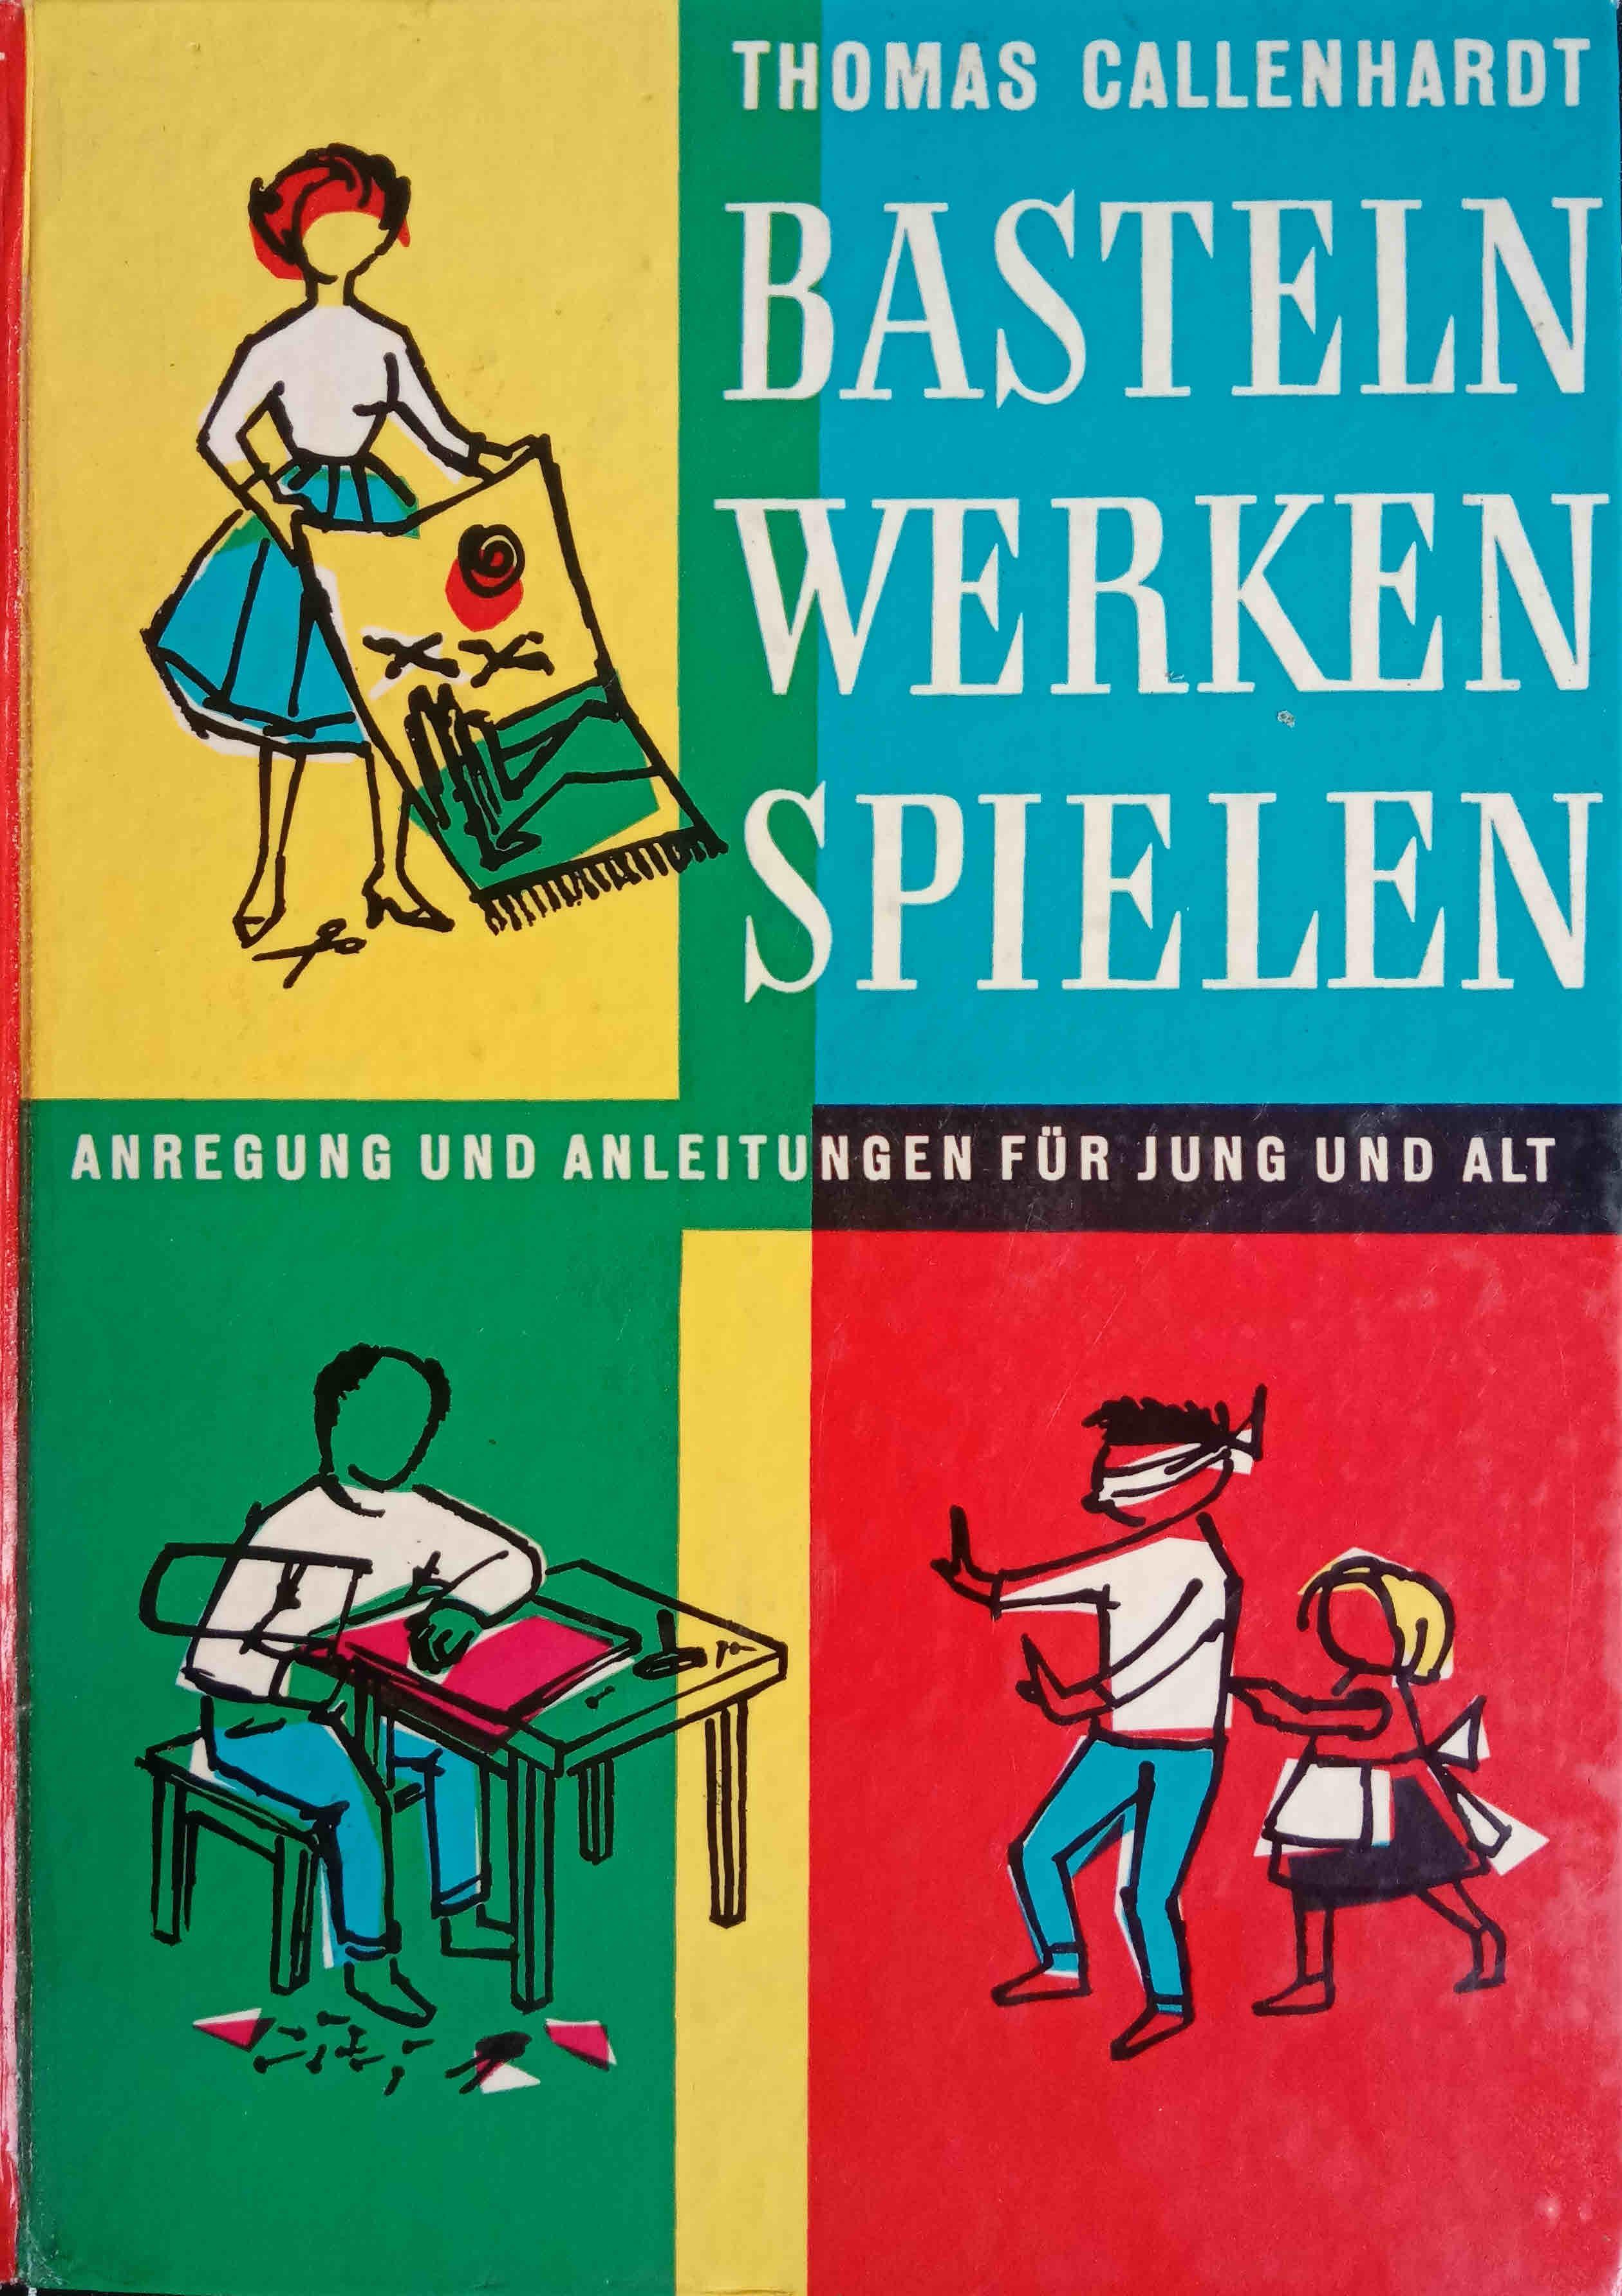 Basteln, werken, spielen : [Anregung u. Anleitungen: Callenhardt, Thomas: